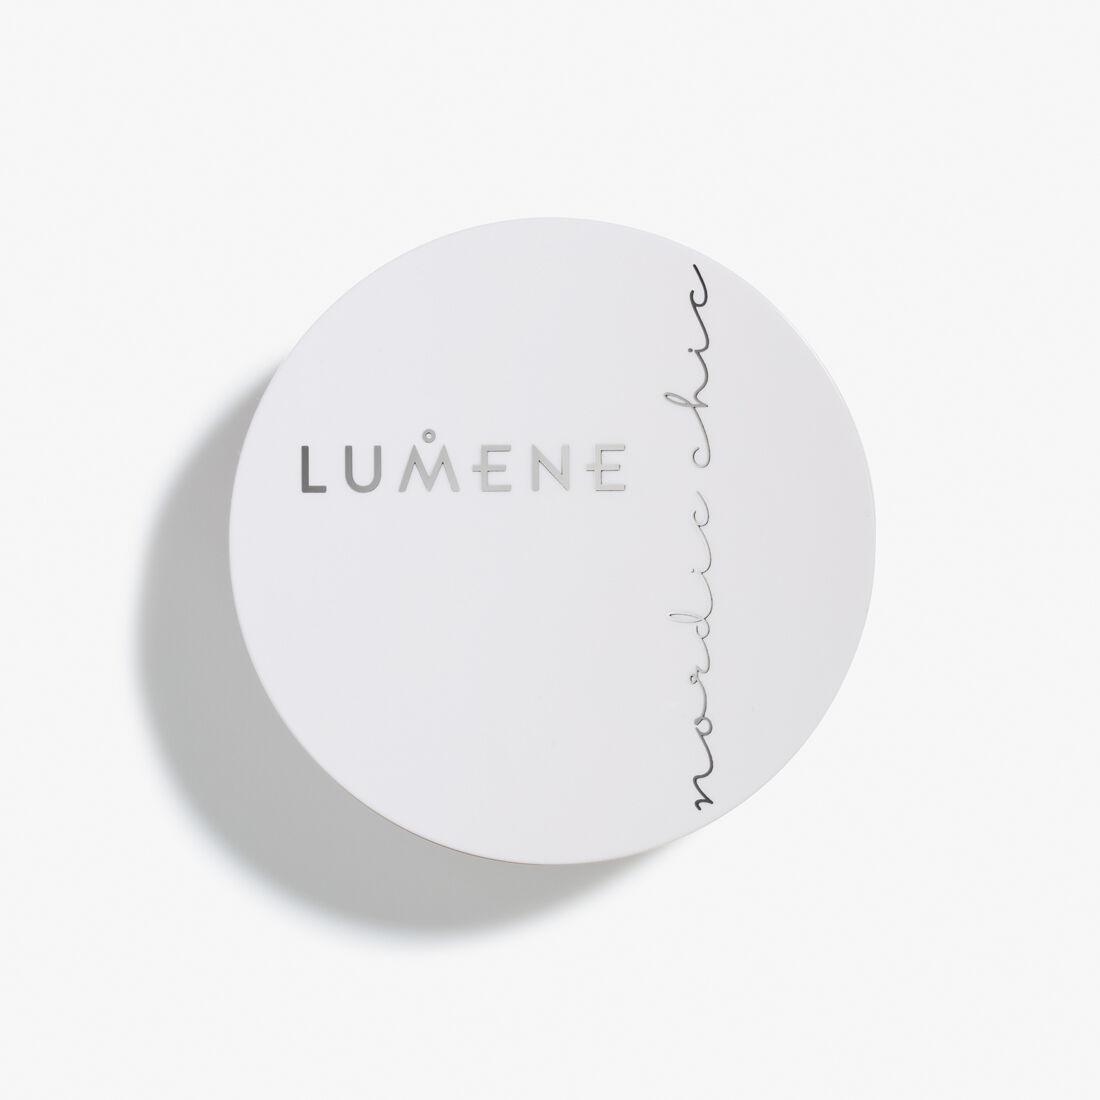 lumene loose powder recension